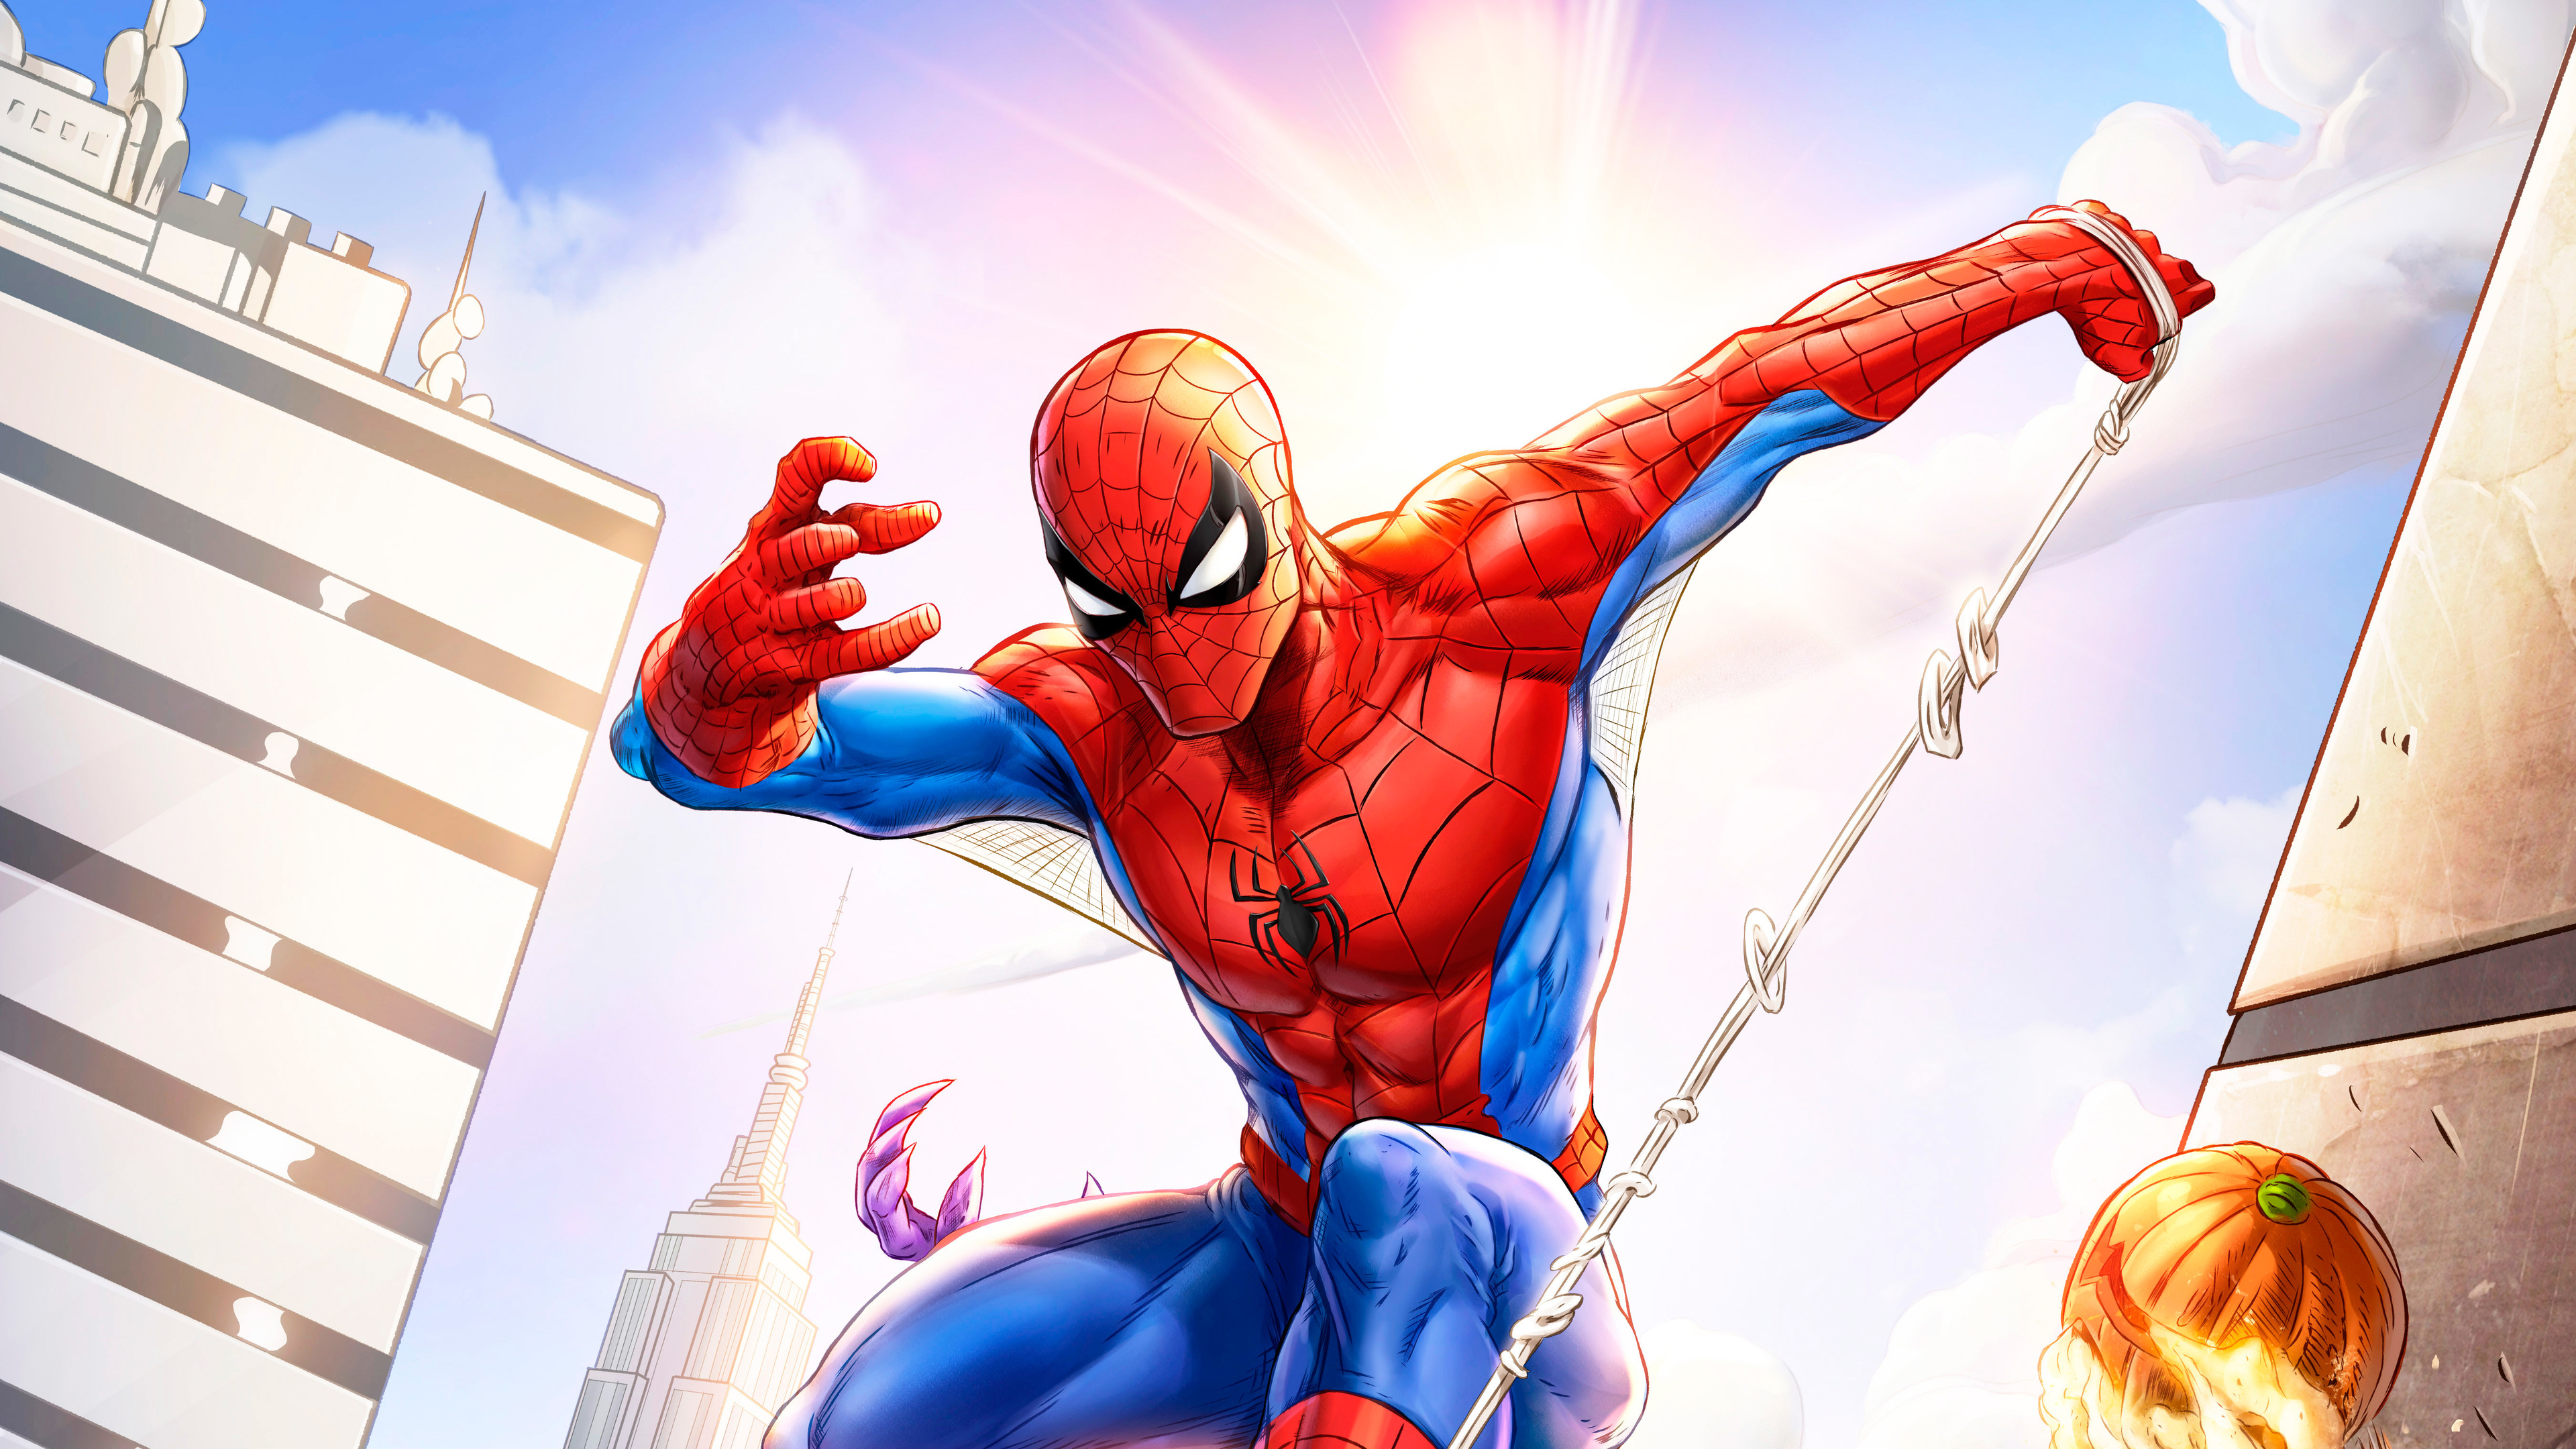 5k spiderman 2018 1537645954 - 5k Spiderman 2018 - superheroes wallpapers, spiderman wallpapers, hd-wallpapers, digital art wallpapers, artwork wallpapers, art wallpapers, 5k wallpapers, 4k-wallpapers